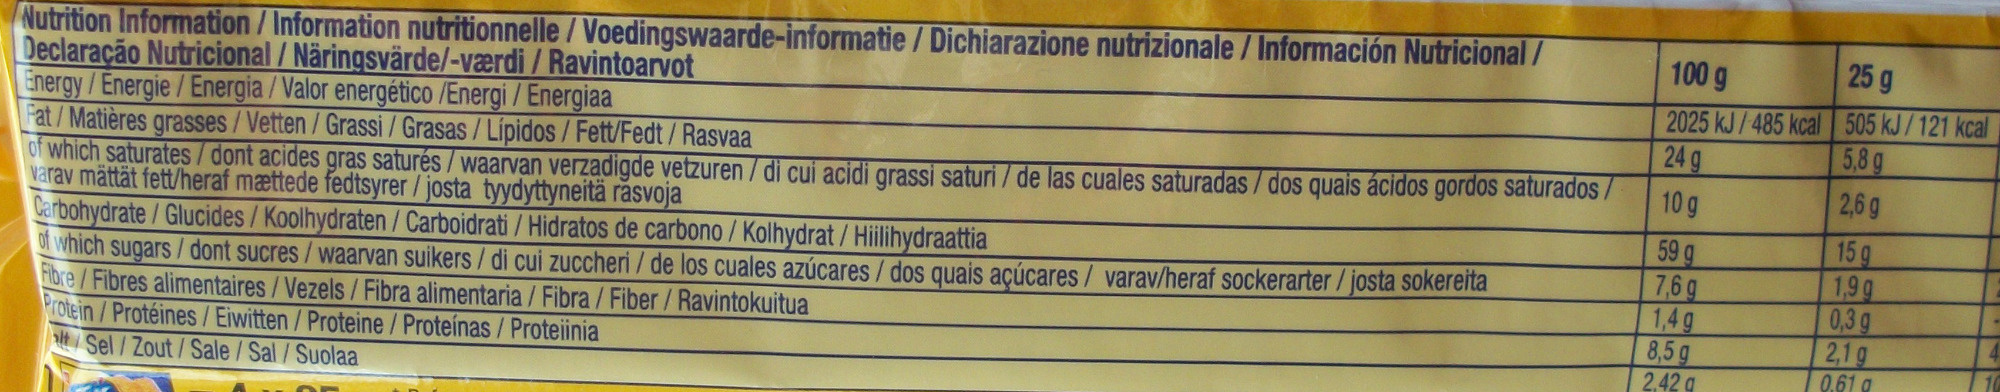 TUC gusto cheese - Informazioni nutrizionali